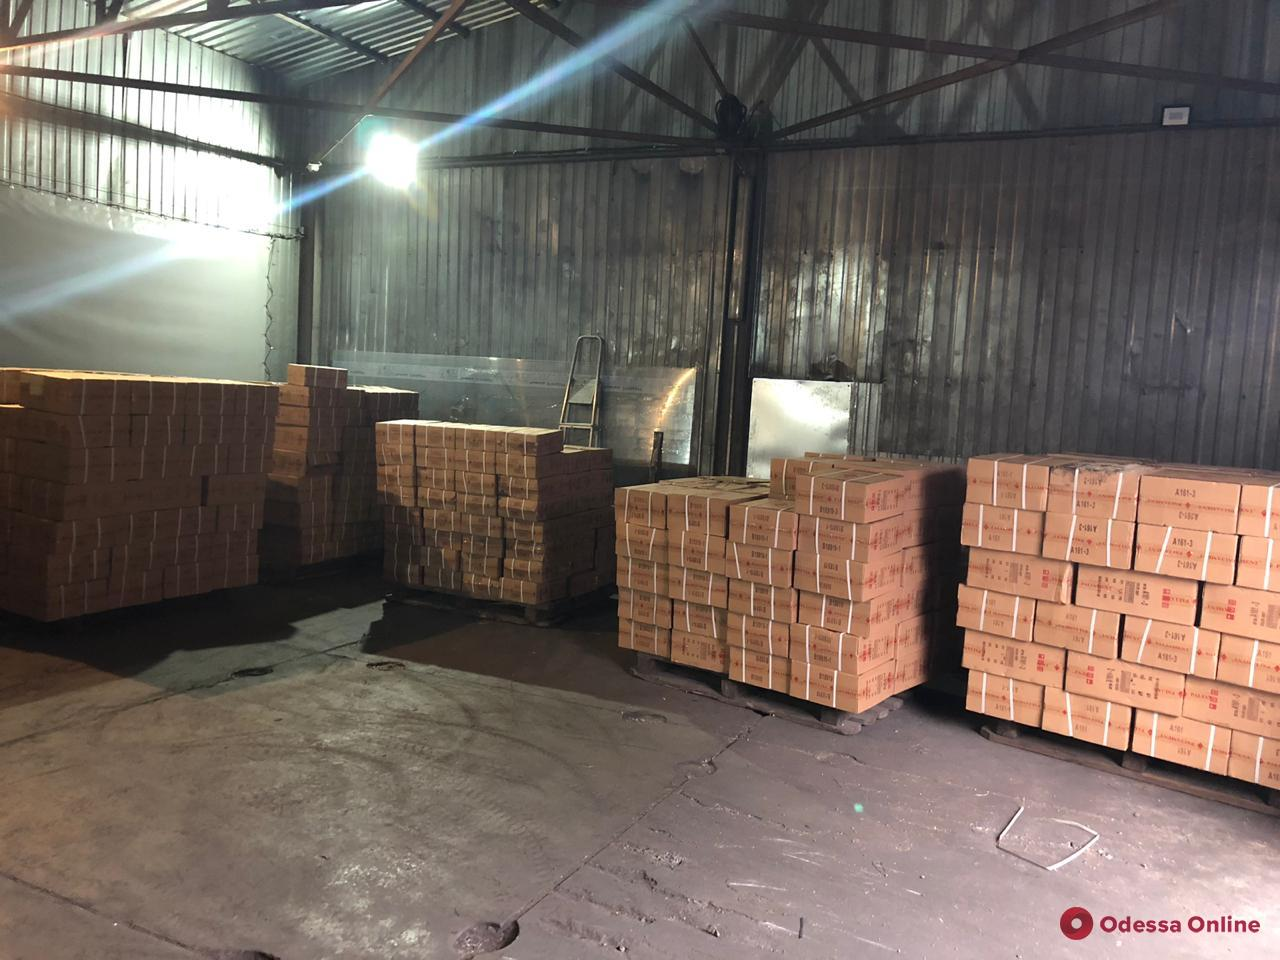 В Одесском порту обнаружили 7 тысяч пар контрафактной обуви (фото)